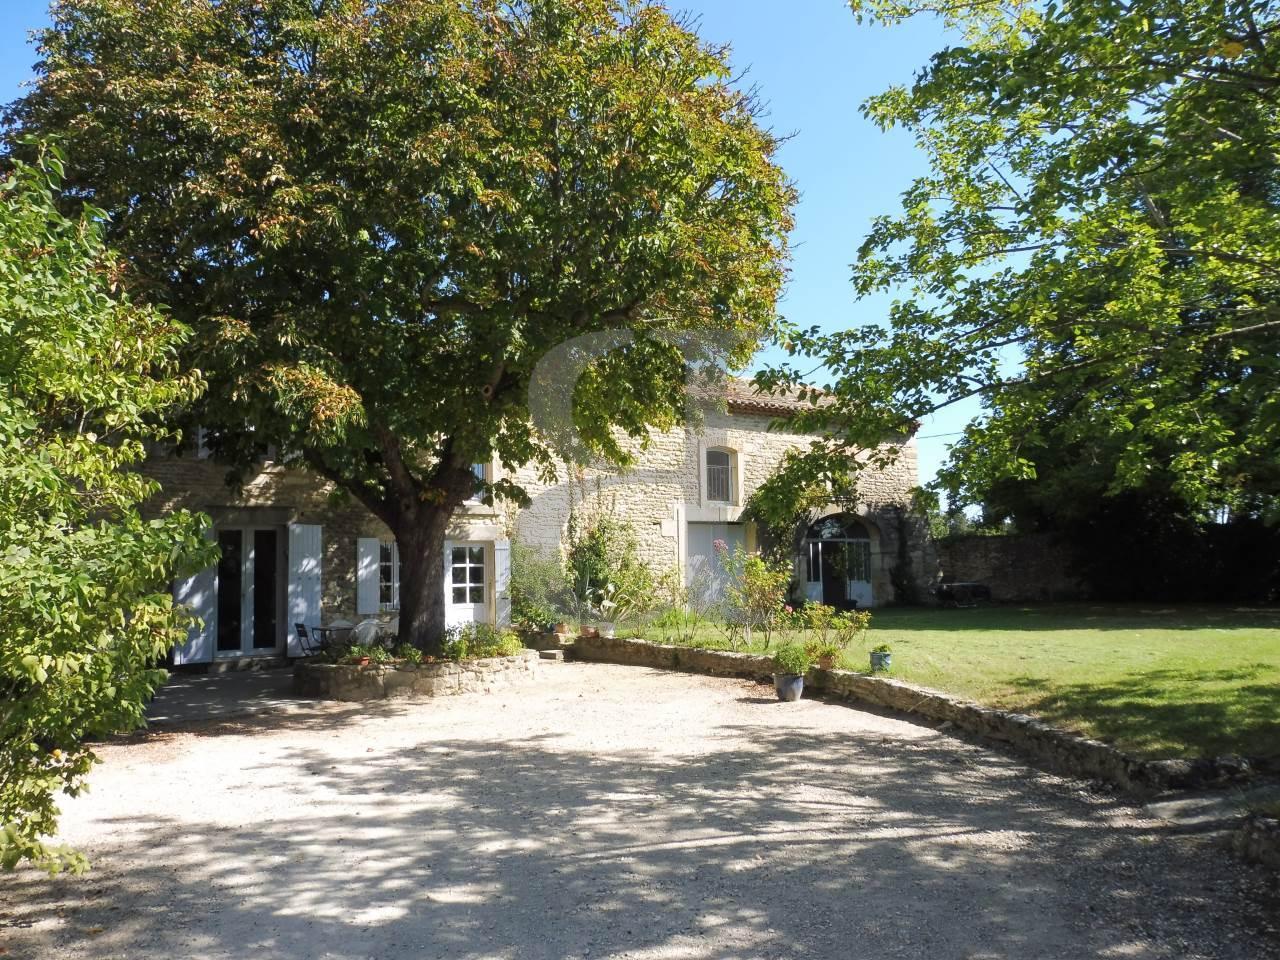 Maison à vendre Mirabel-aux-Baronnies : nos conseils pour vendre